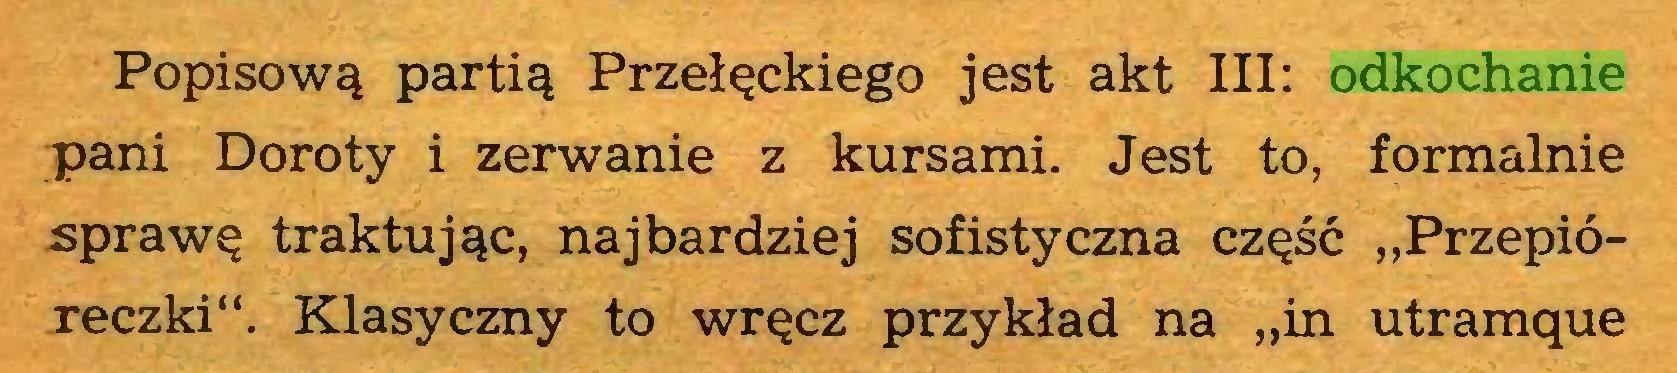 """(...) Popisową partią Przełęckiego jest akt III: odkochanie pani Doroty i zerwanie z kursami. Jest to, formalnie sprawę traktując, najbardziej sofistyczna część """"Przepióreczki"""". Klasyczny to wręcz przykład na """"in utramque..."""